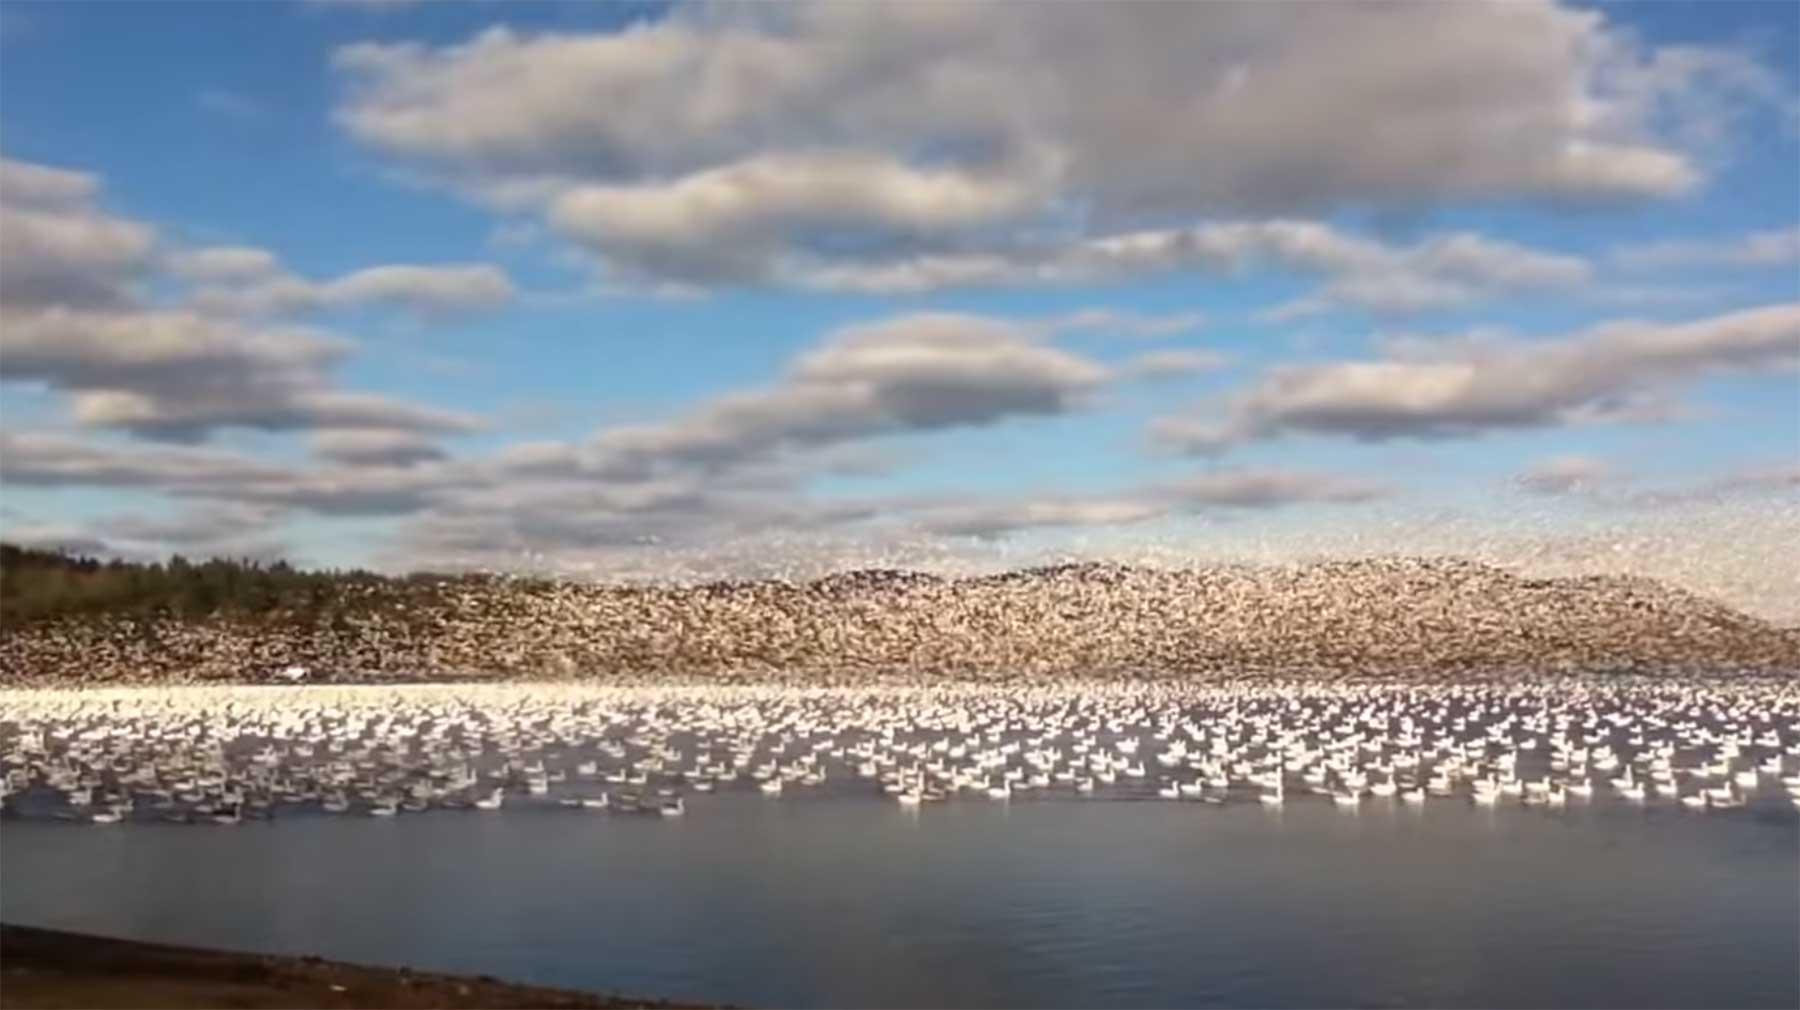 10.000 Gänse machen gemeinsam den Abflug schwarm-schneegaense